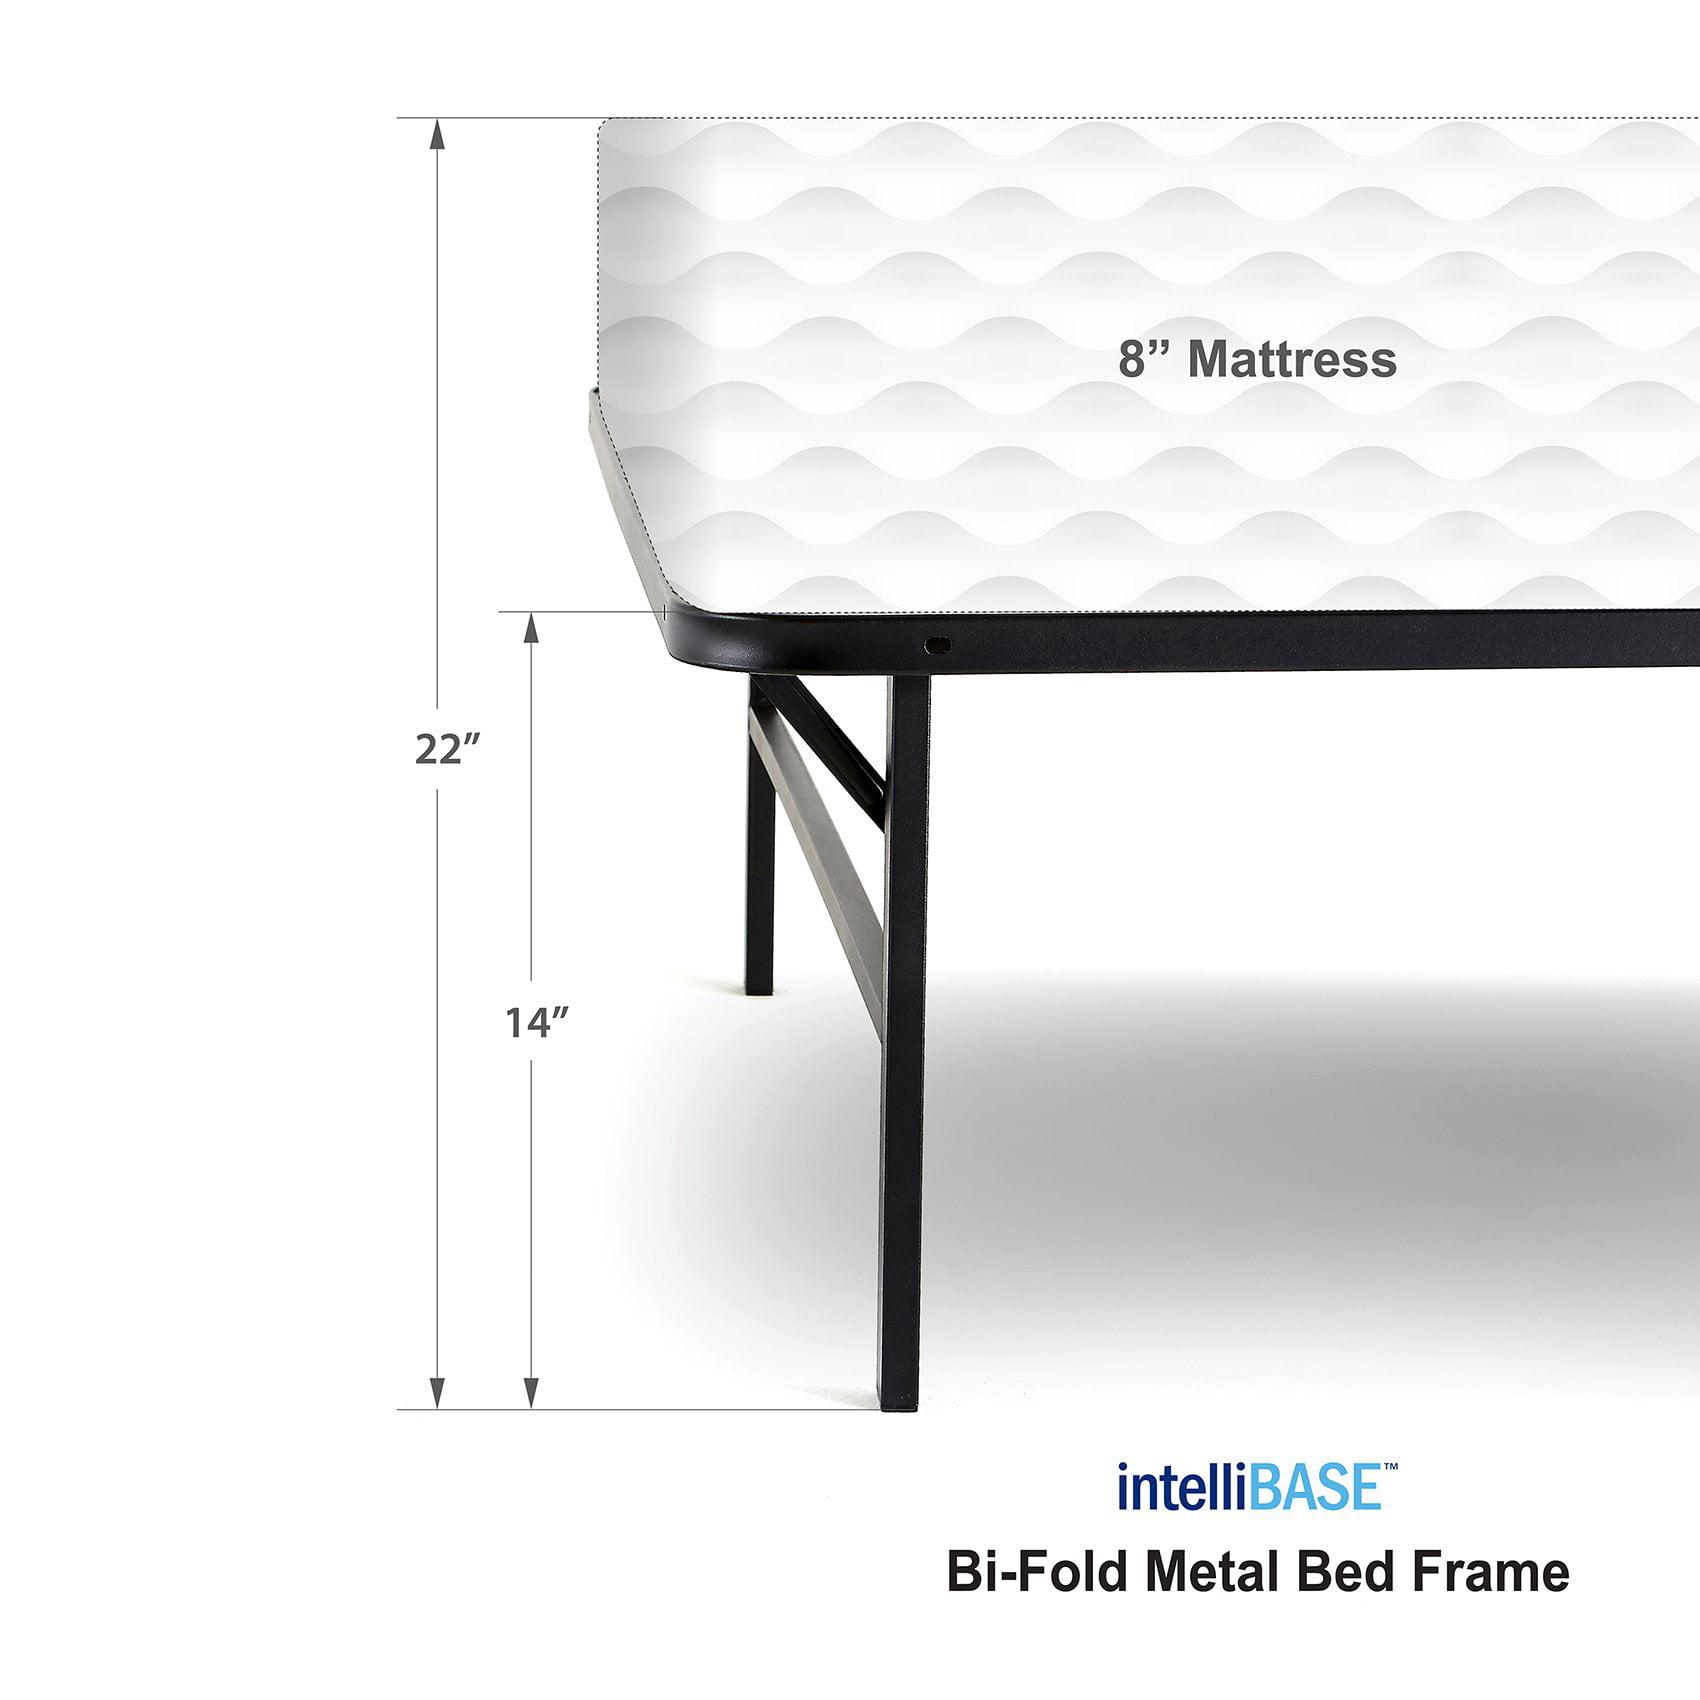 intelliBASE Lightweight Easy Set Up Platform Metal Bed Frame, Queen (3 Pack)